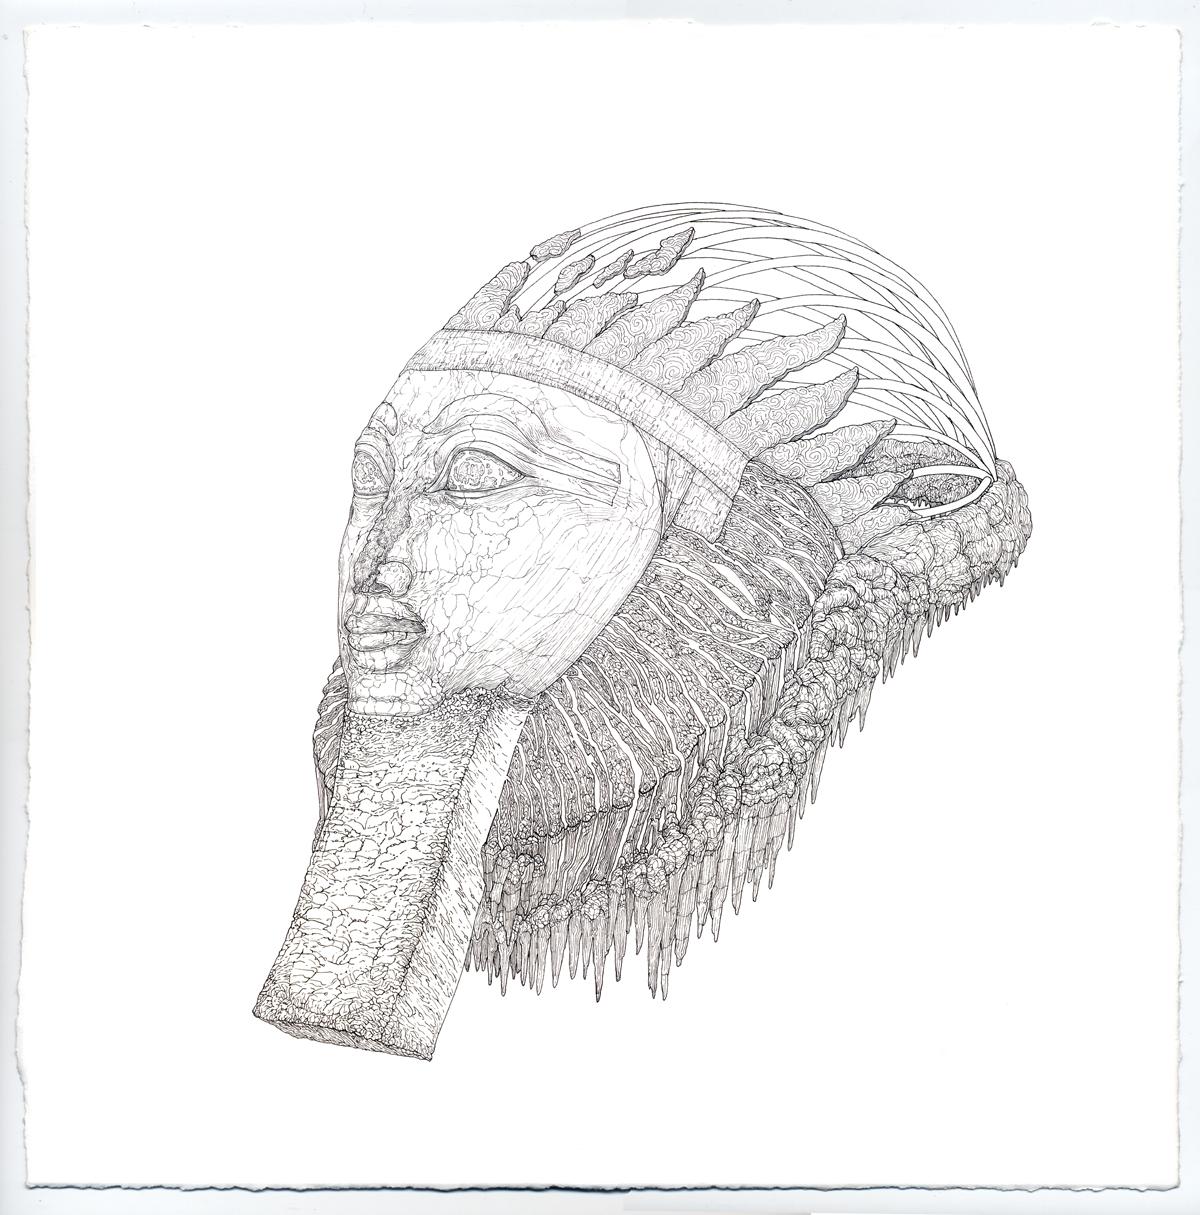 hatshepsut, ink on paper, 12in. x 12in., 2009